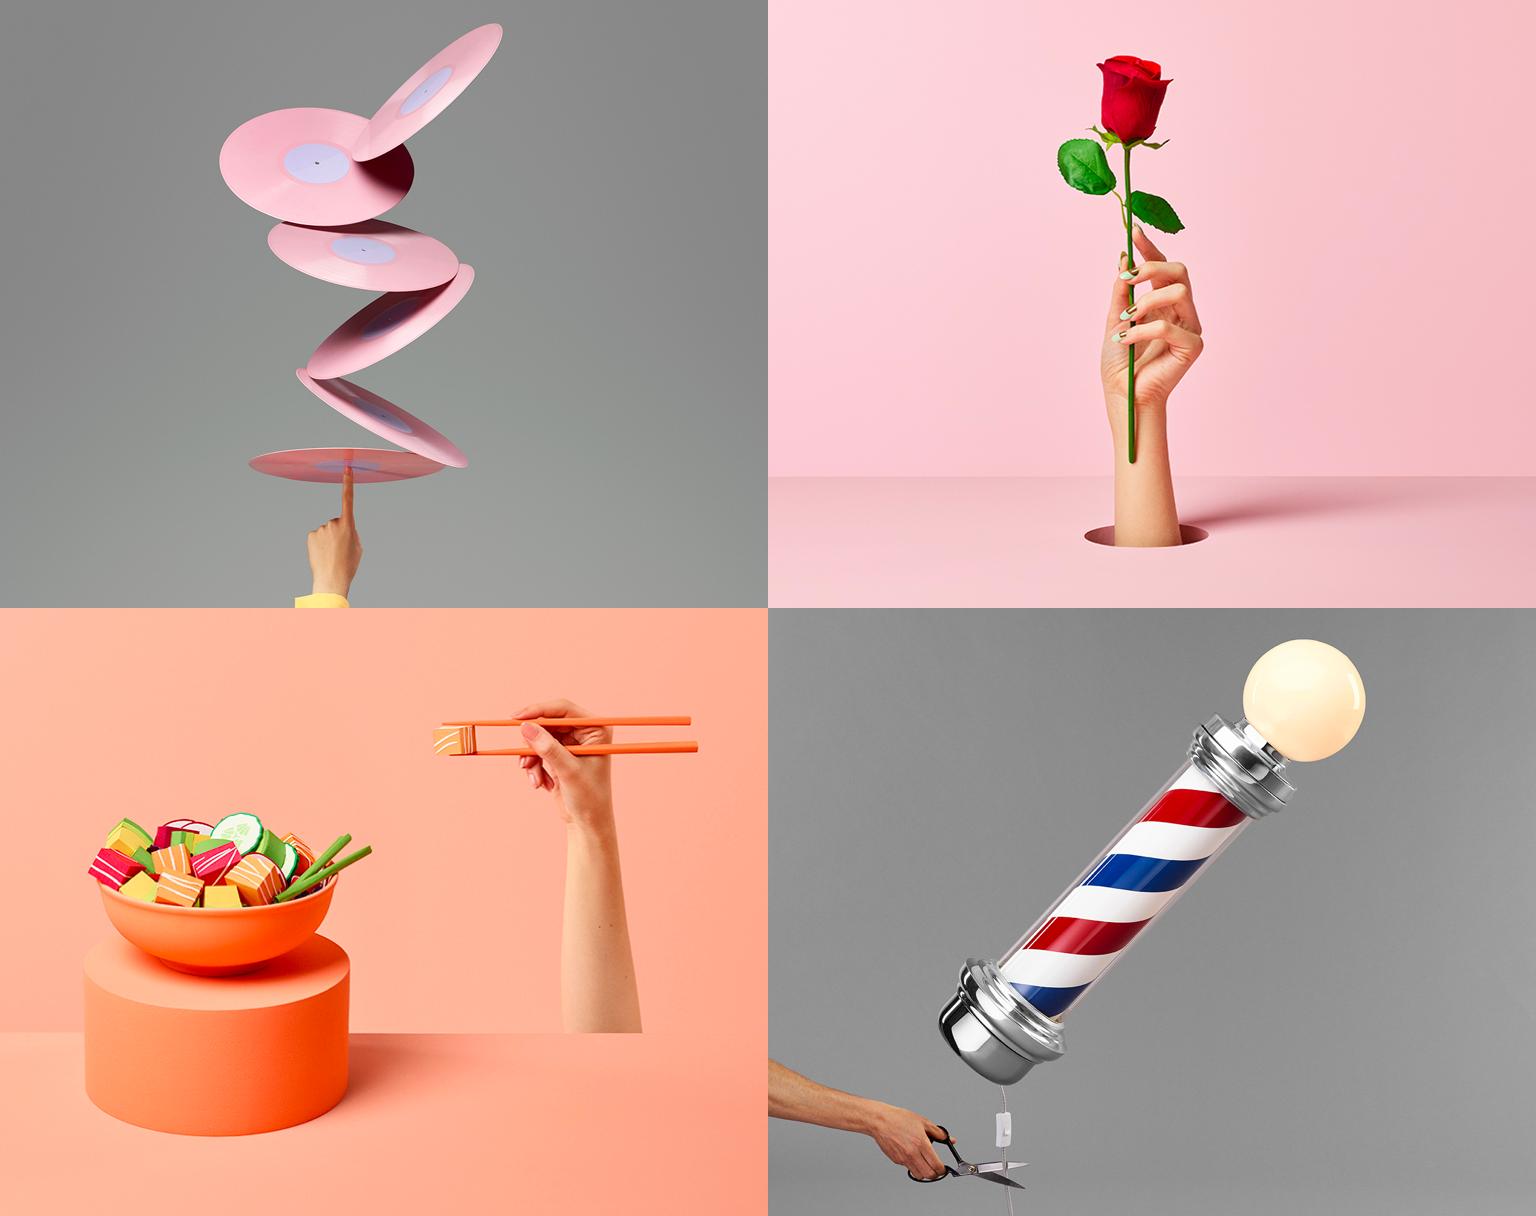 Chopsticks by Akatre